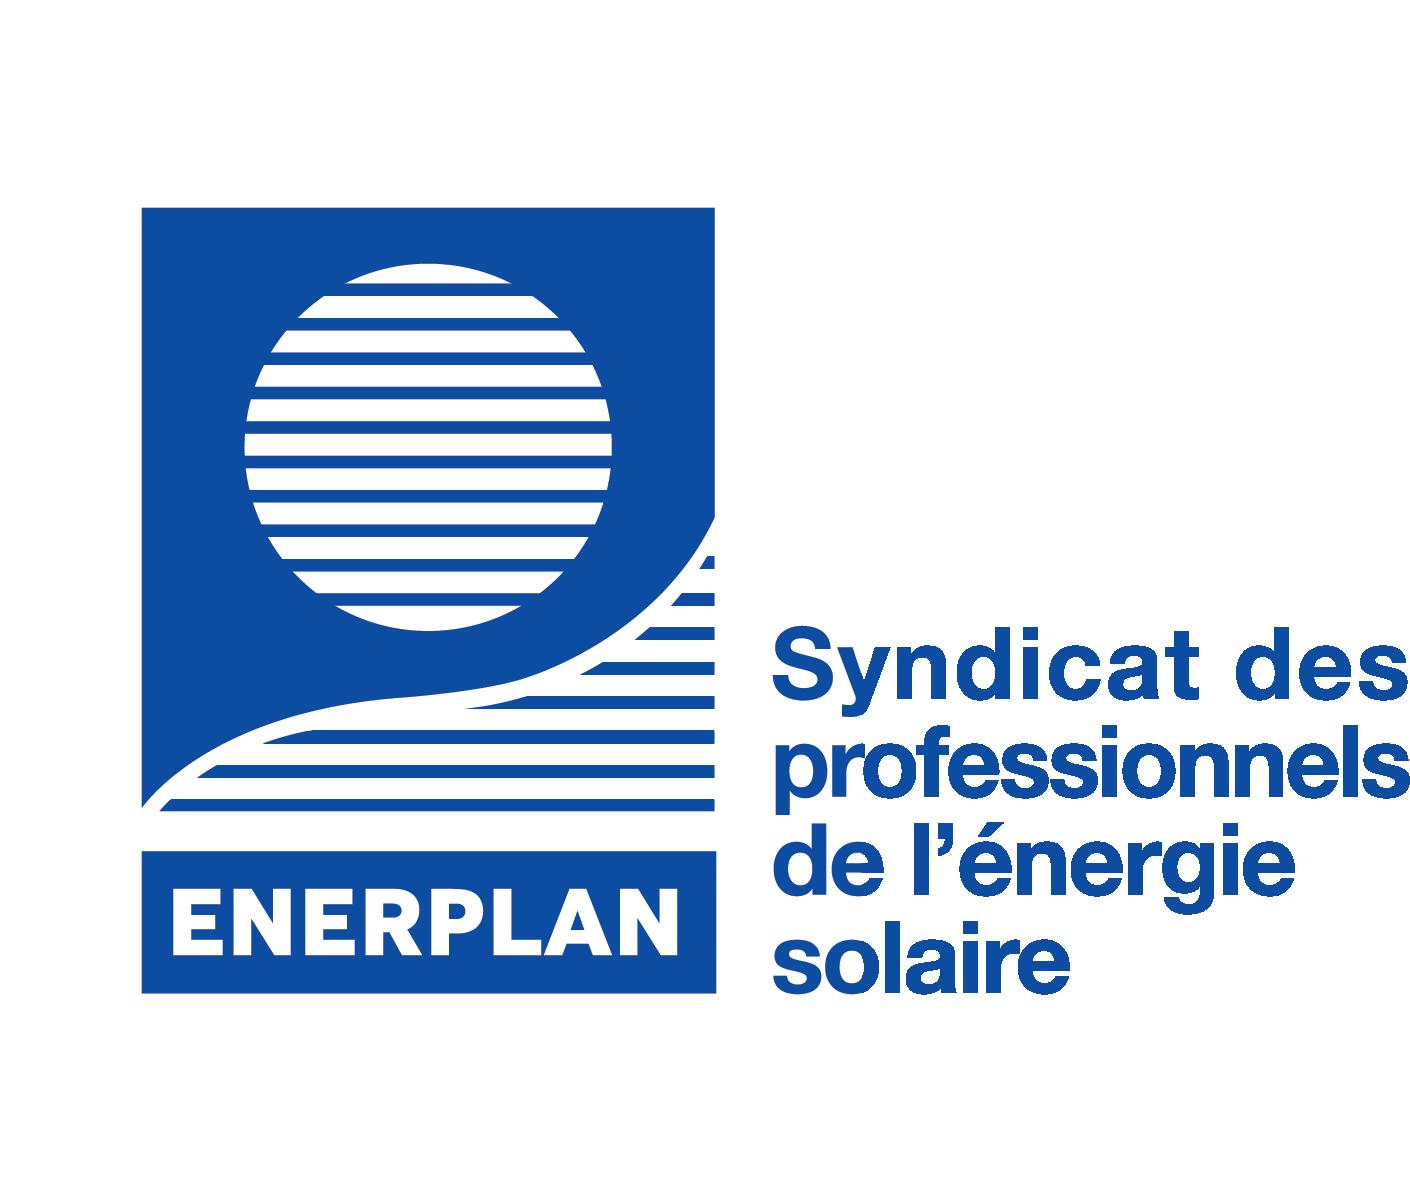 ENERPLAN – Syndicat des professionnels de l'énergie solaire